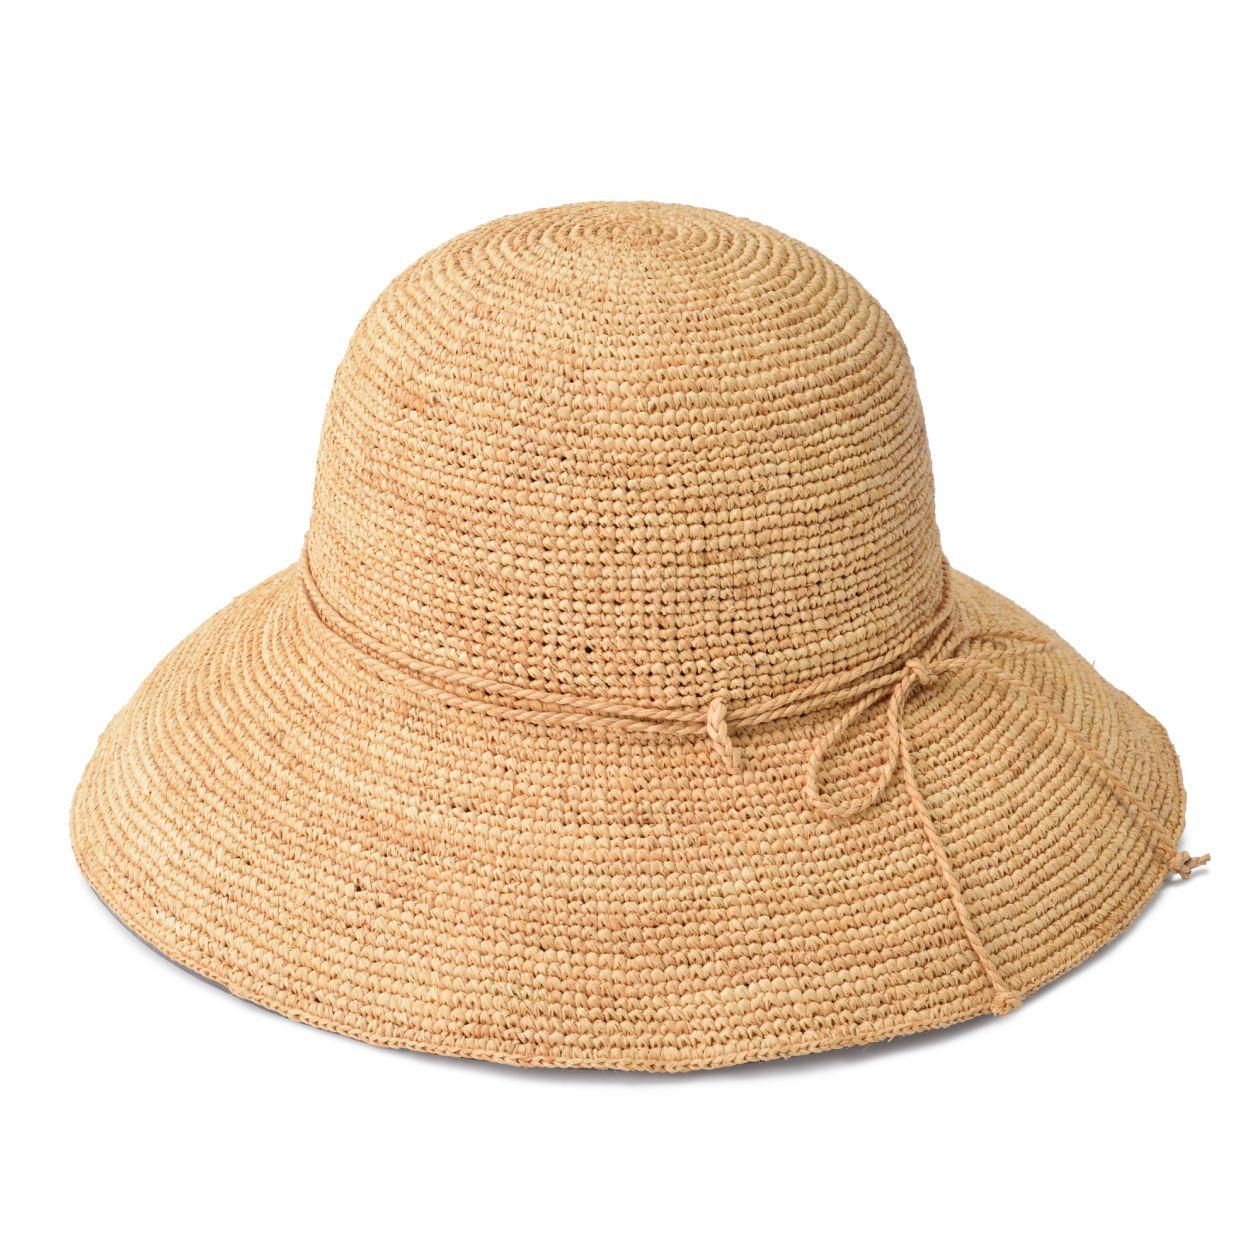 ラフィア つば広帽子